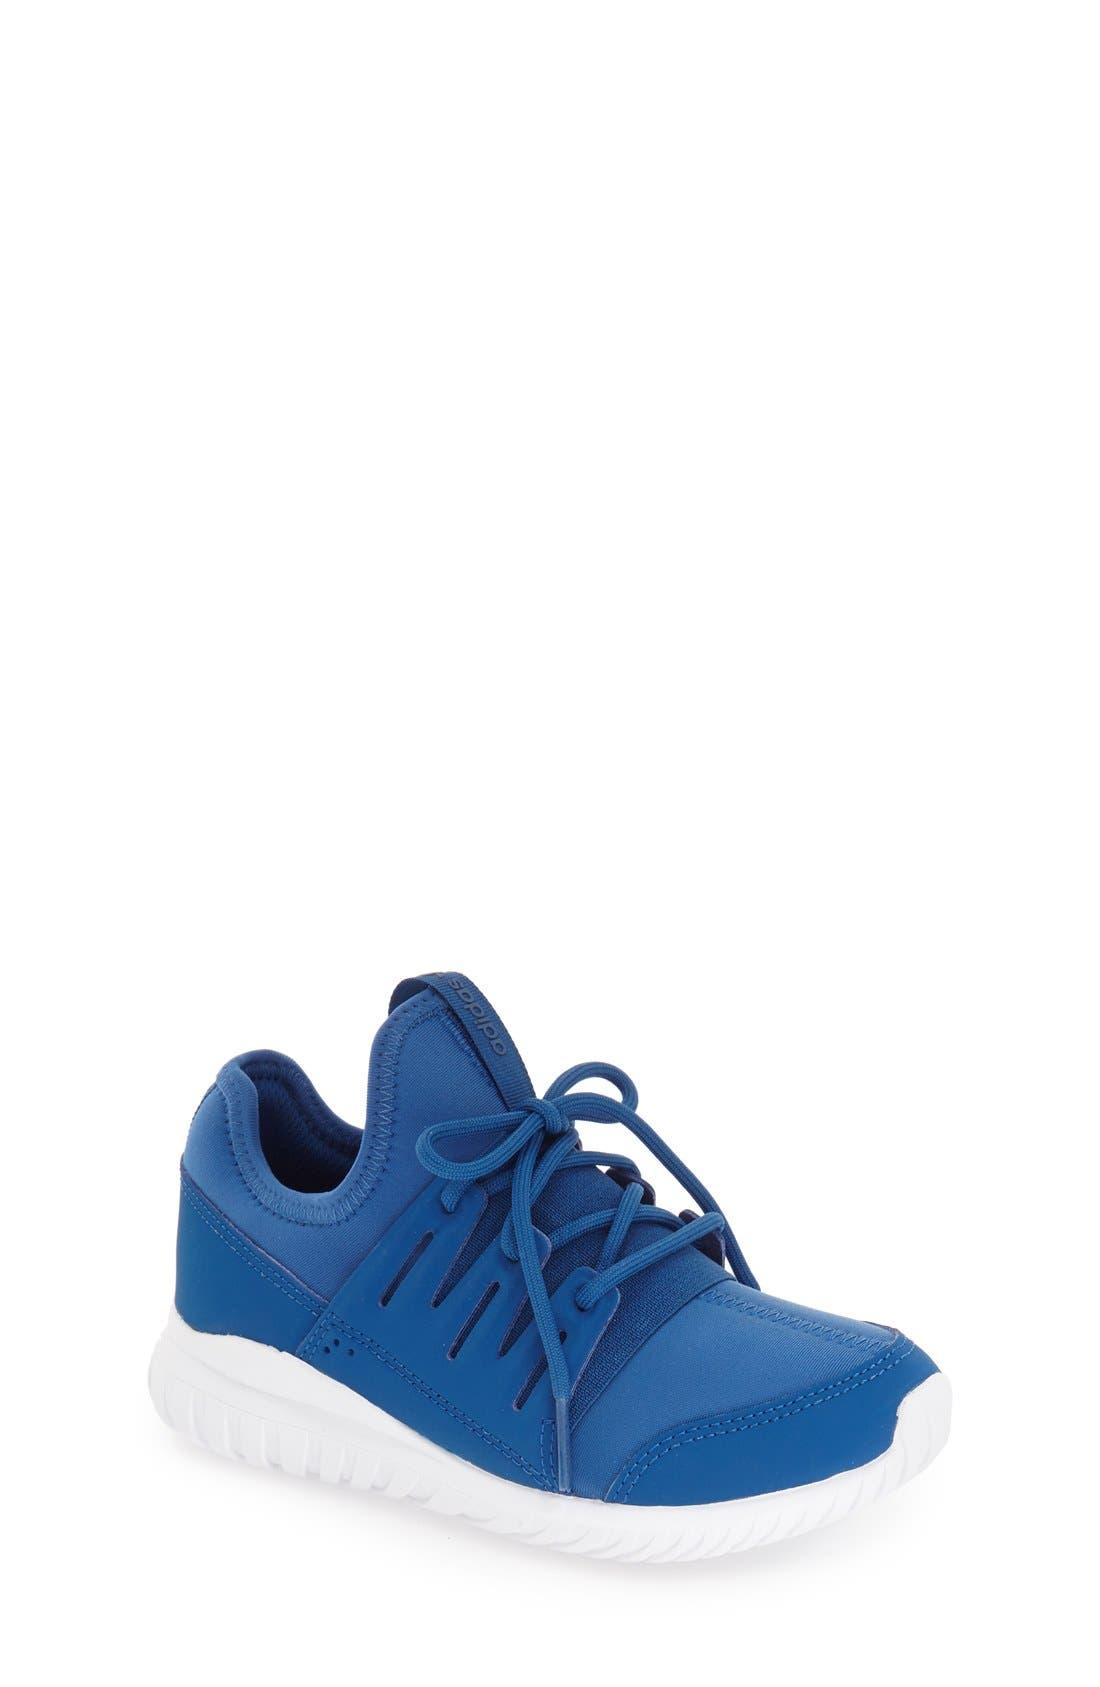 Main Image - adidas 'Tubular Radial K' Sneaker (Toddler, Little Kid & Big Kid)